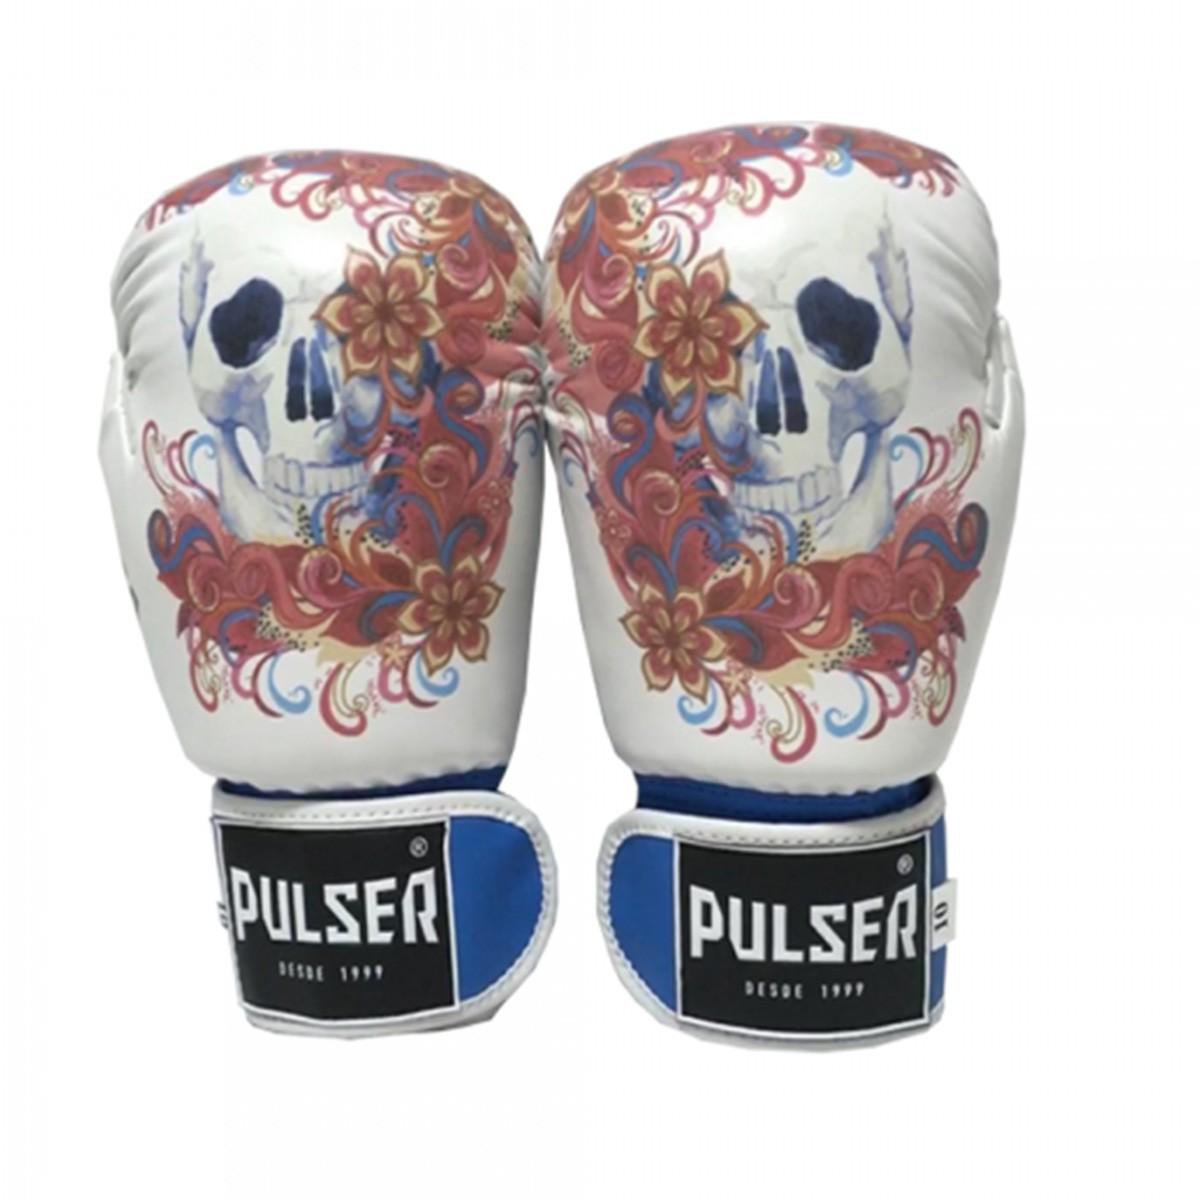 Kit de Boxe / Muay Thai Feminino 10oz - Caveira Azul Floral - Pulser  - PRALUTA SHOP